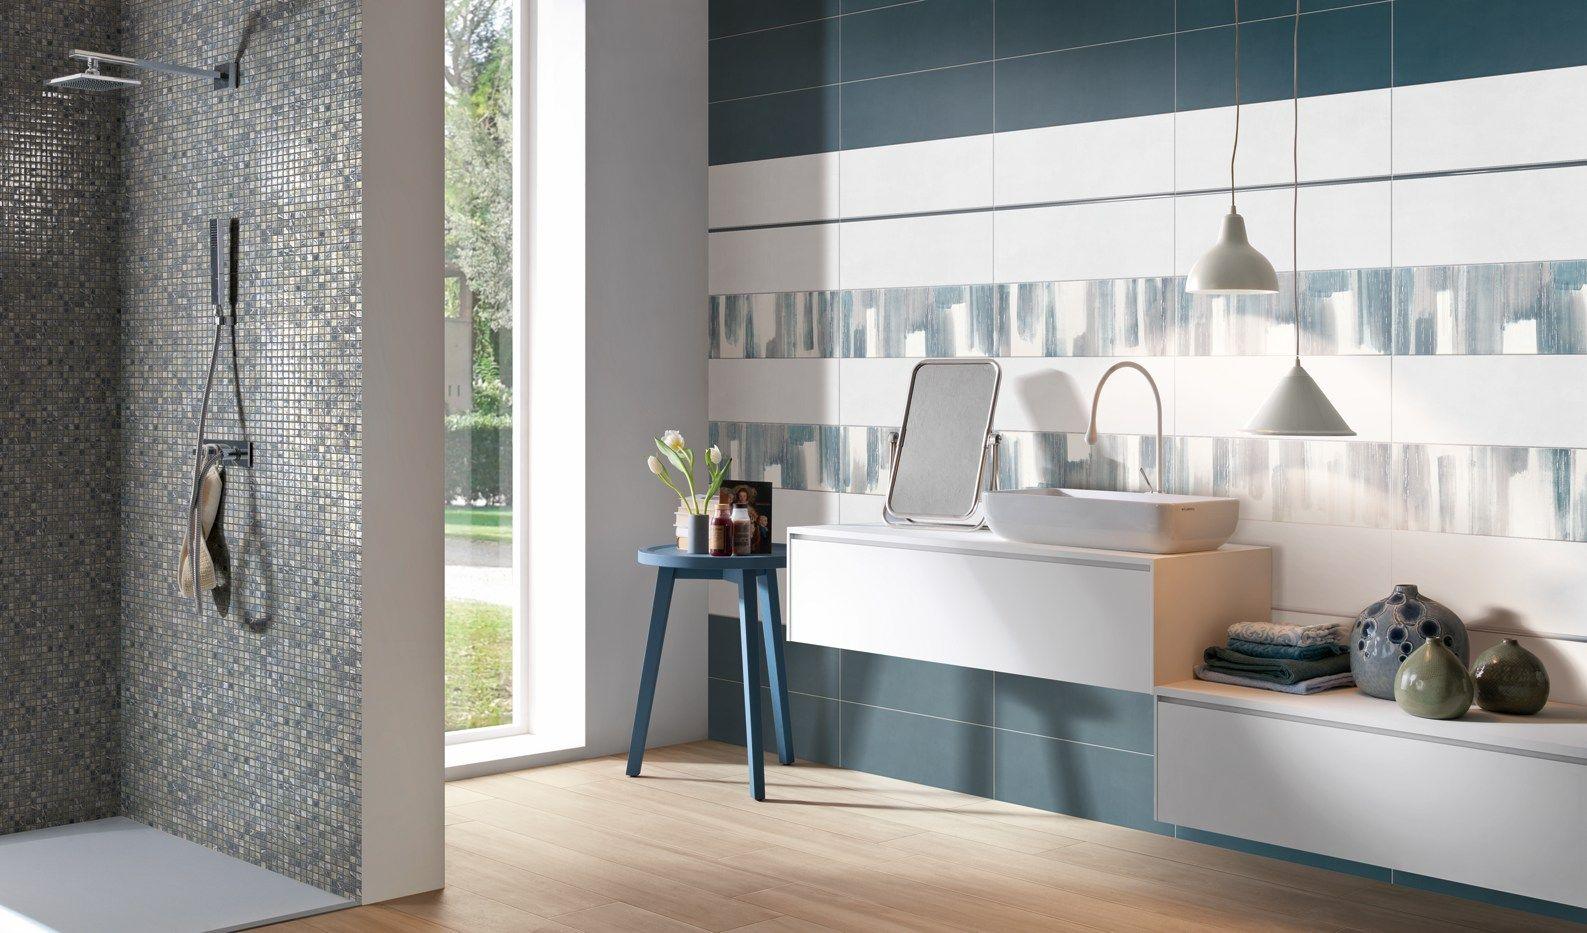 Un bellissimo bagno moderno con un rivestimento arricchito da inserti sui toni dellazzurro A